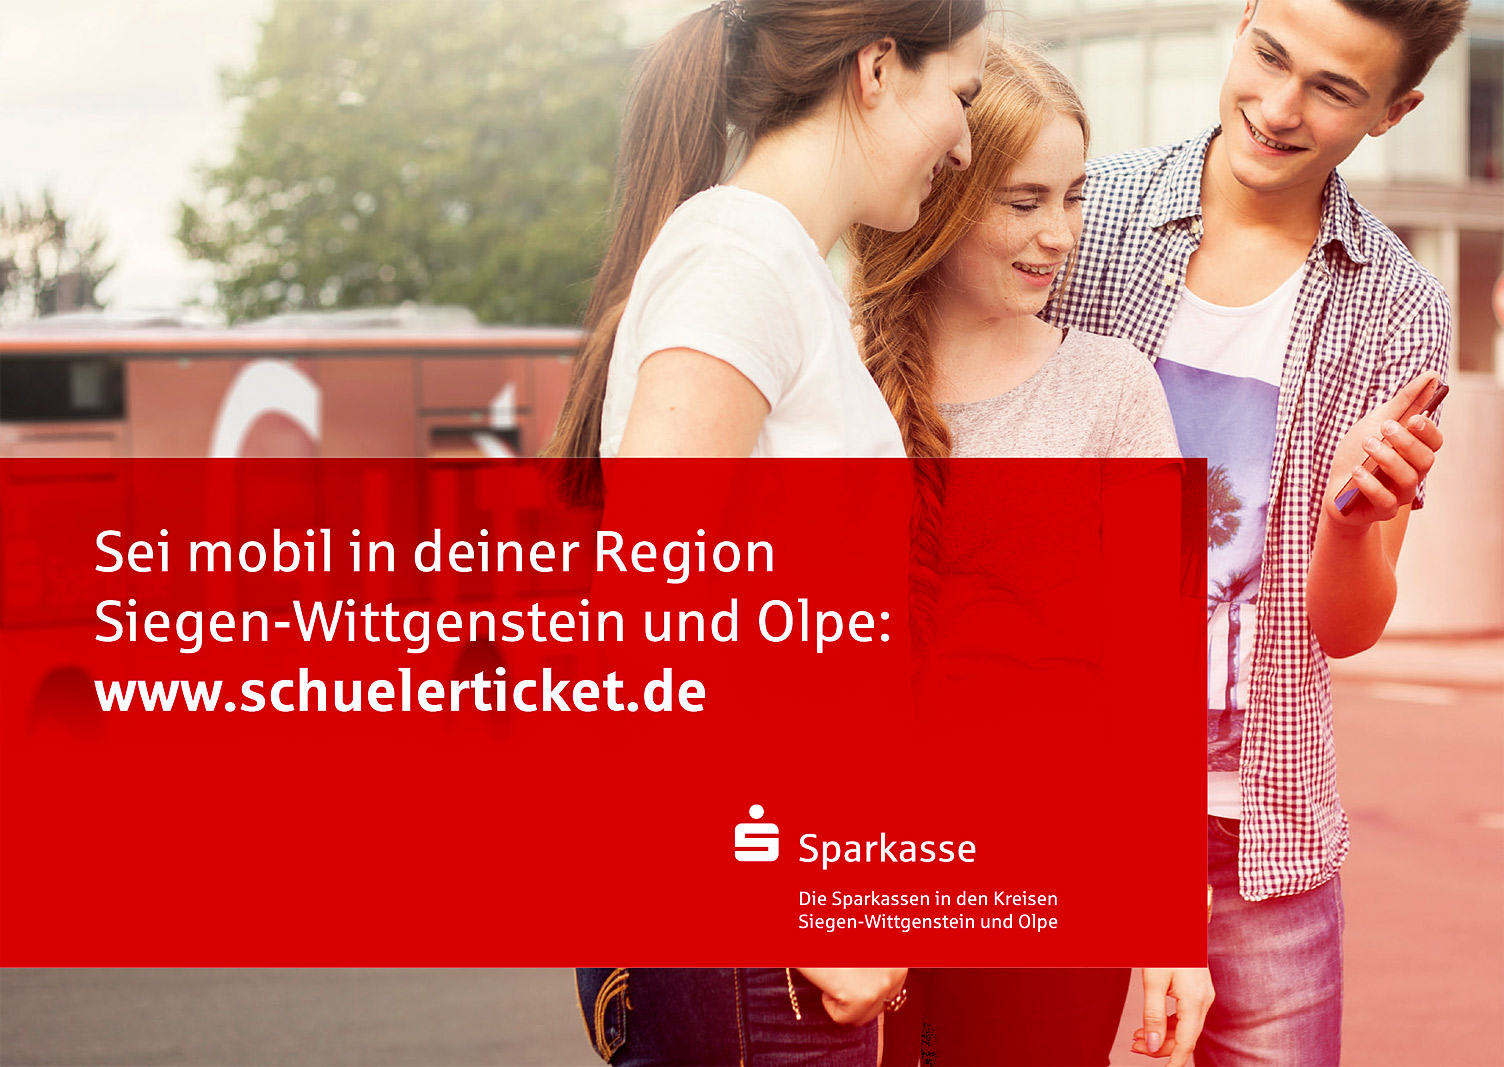 schuelerticket-olpe-siegen-sparkasse003